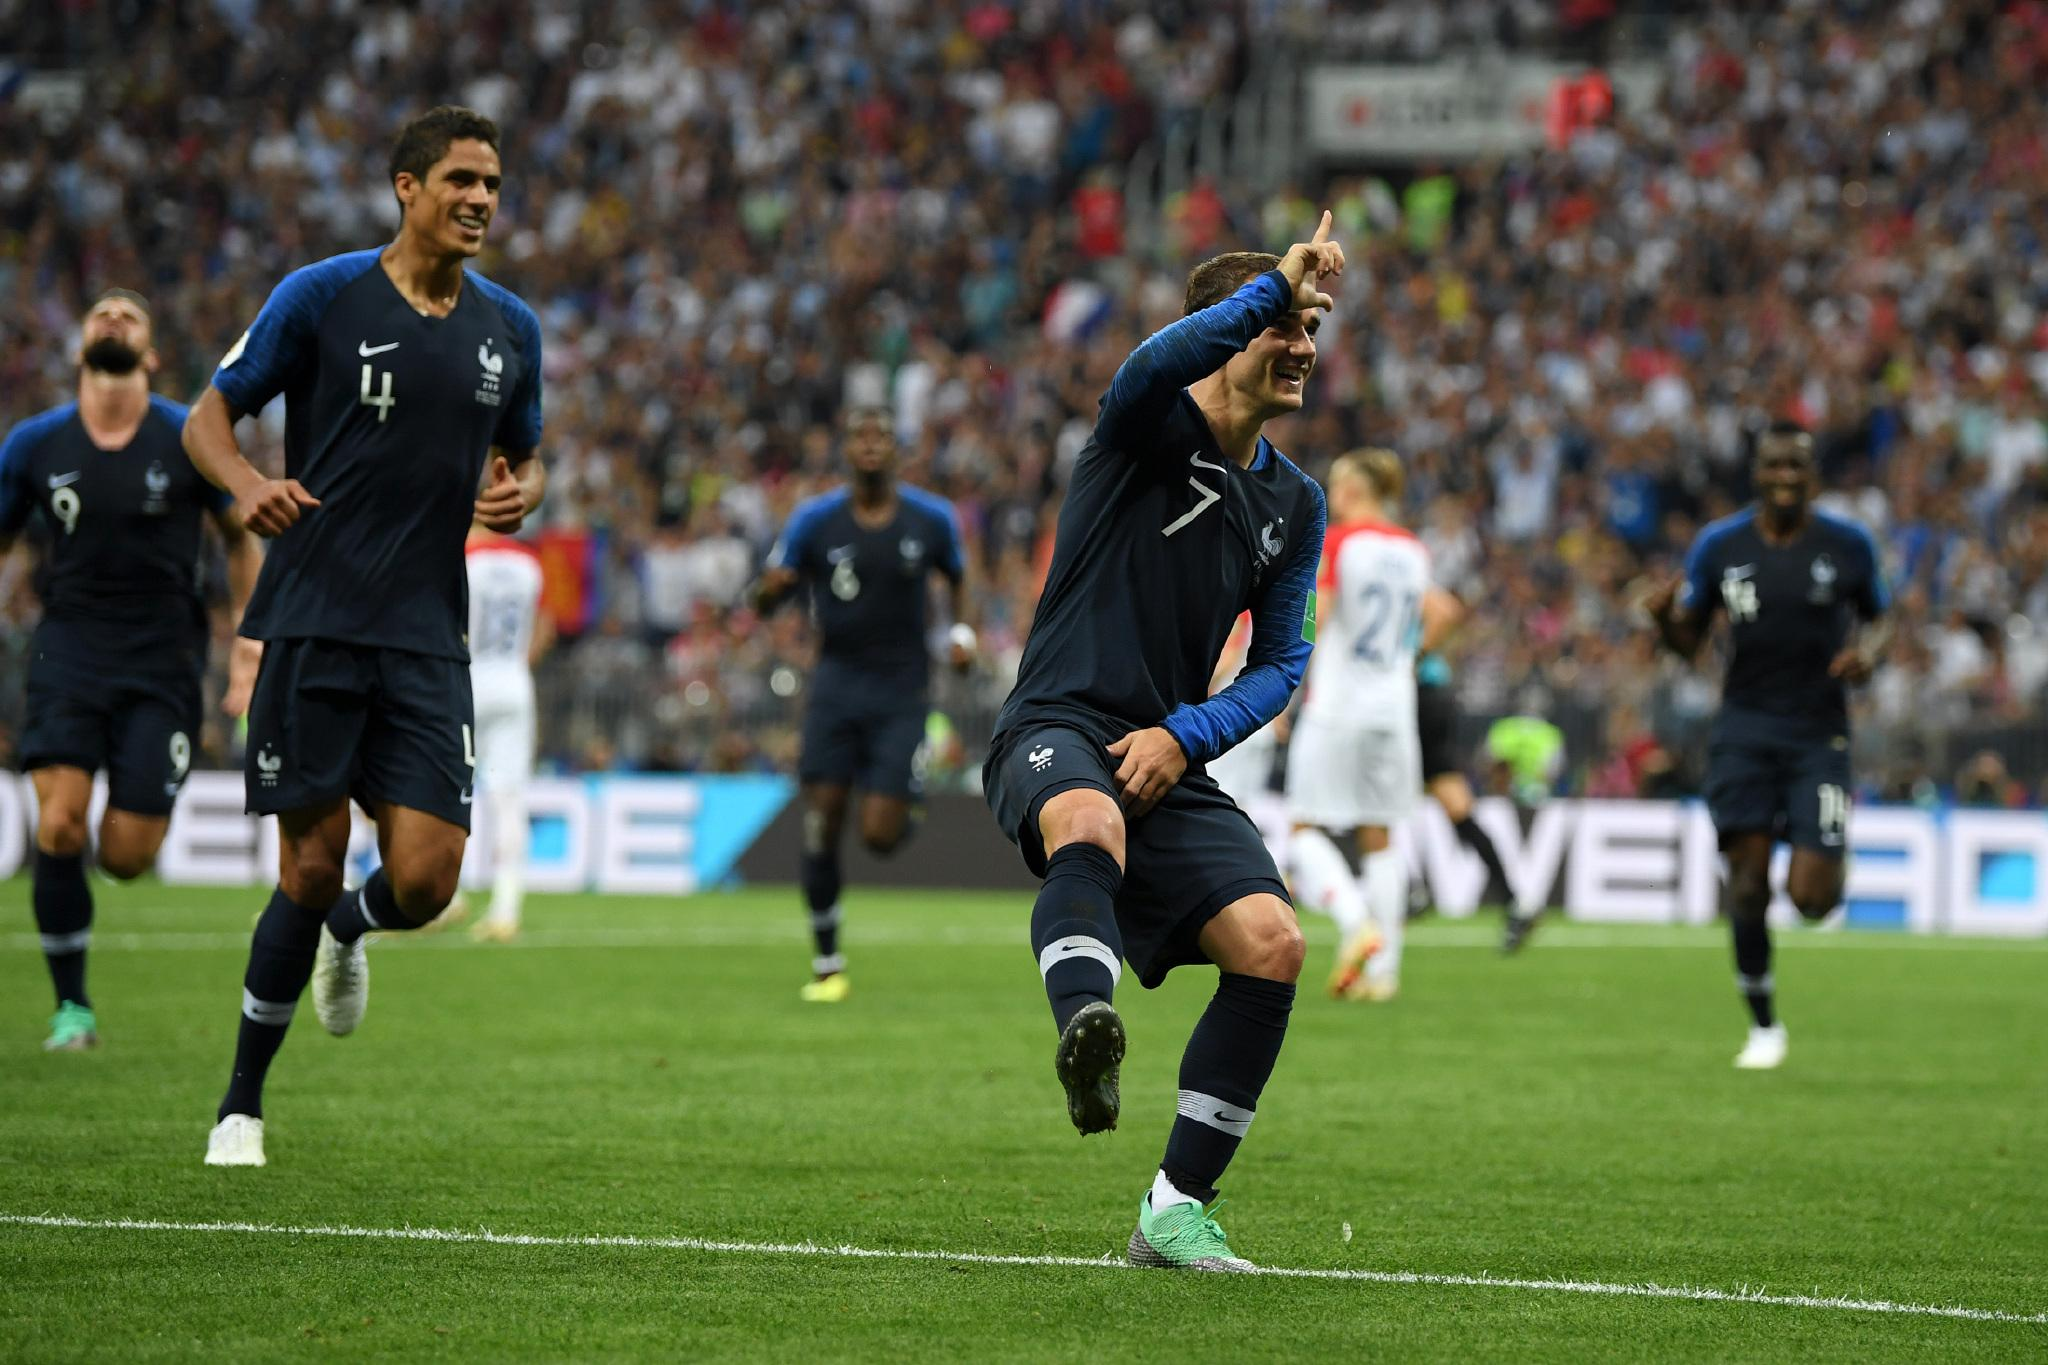 世界杯决赛,格里兹曼跳起小丑舞。